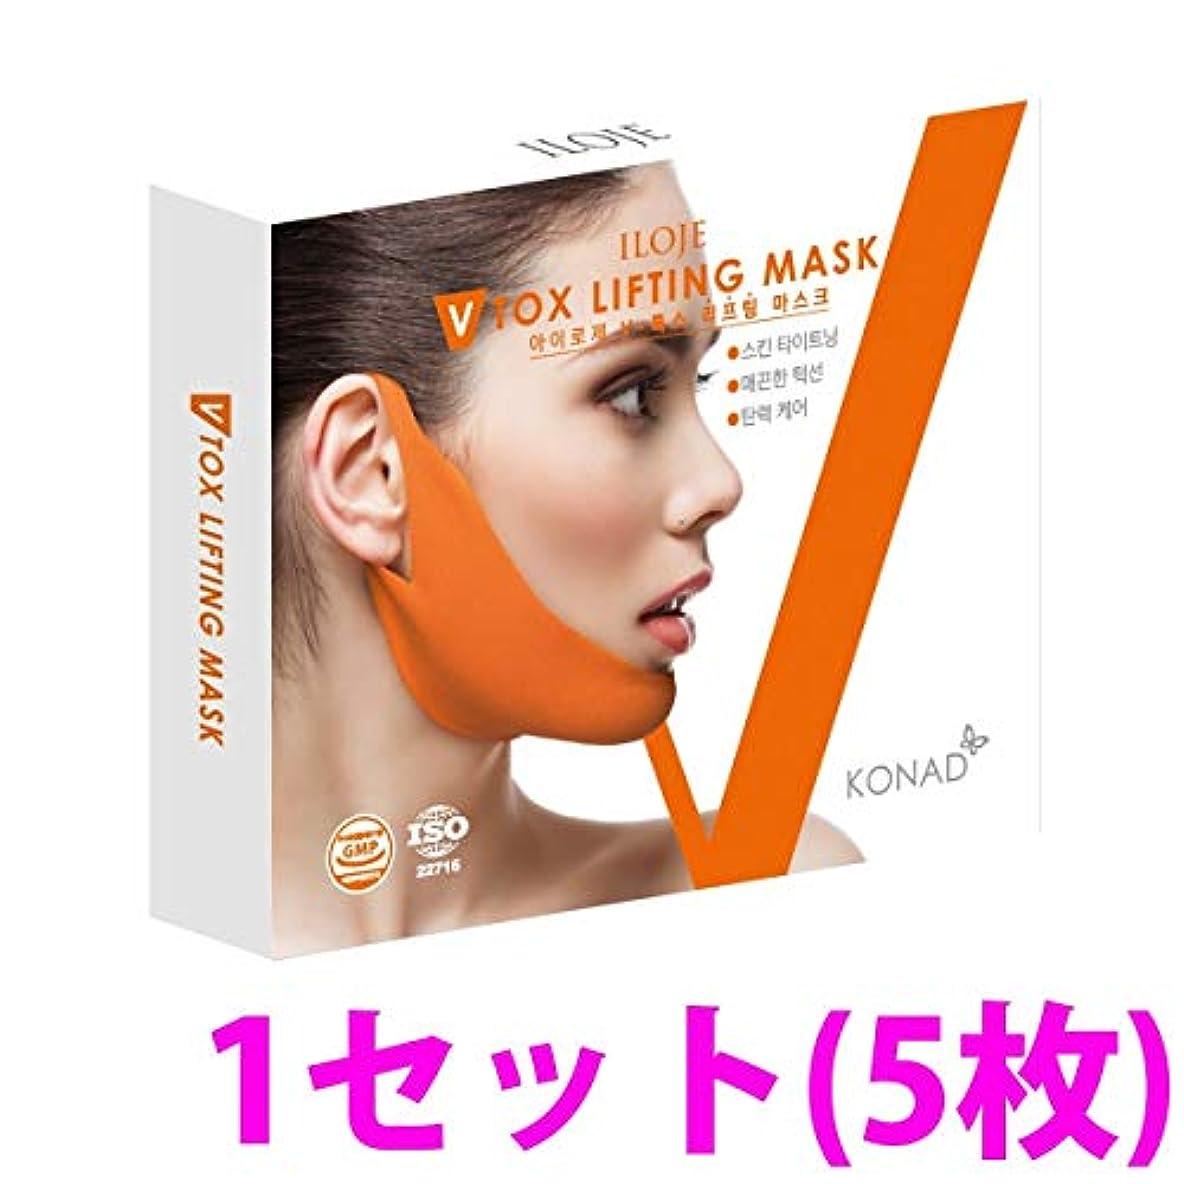 晩ごはんチャネルクリック女性の年齢は顎の輪郭で決まる!V-TOXリフティングマスクパック 1セット(5枚)